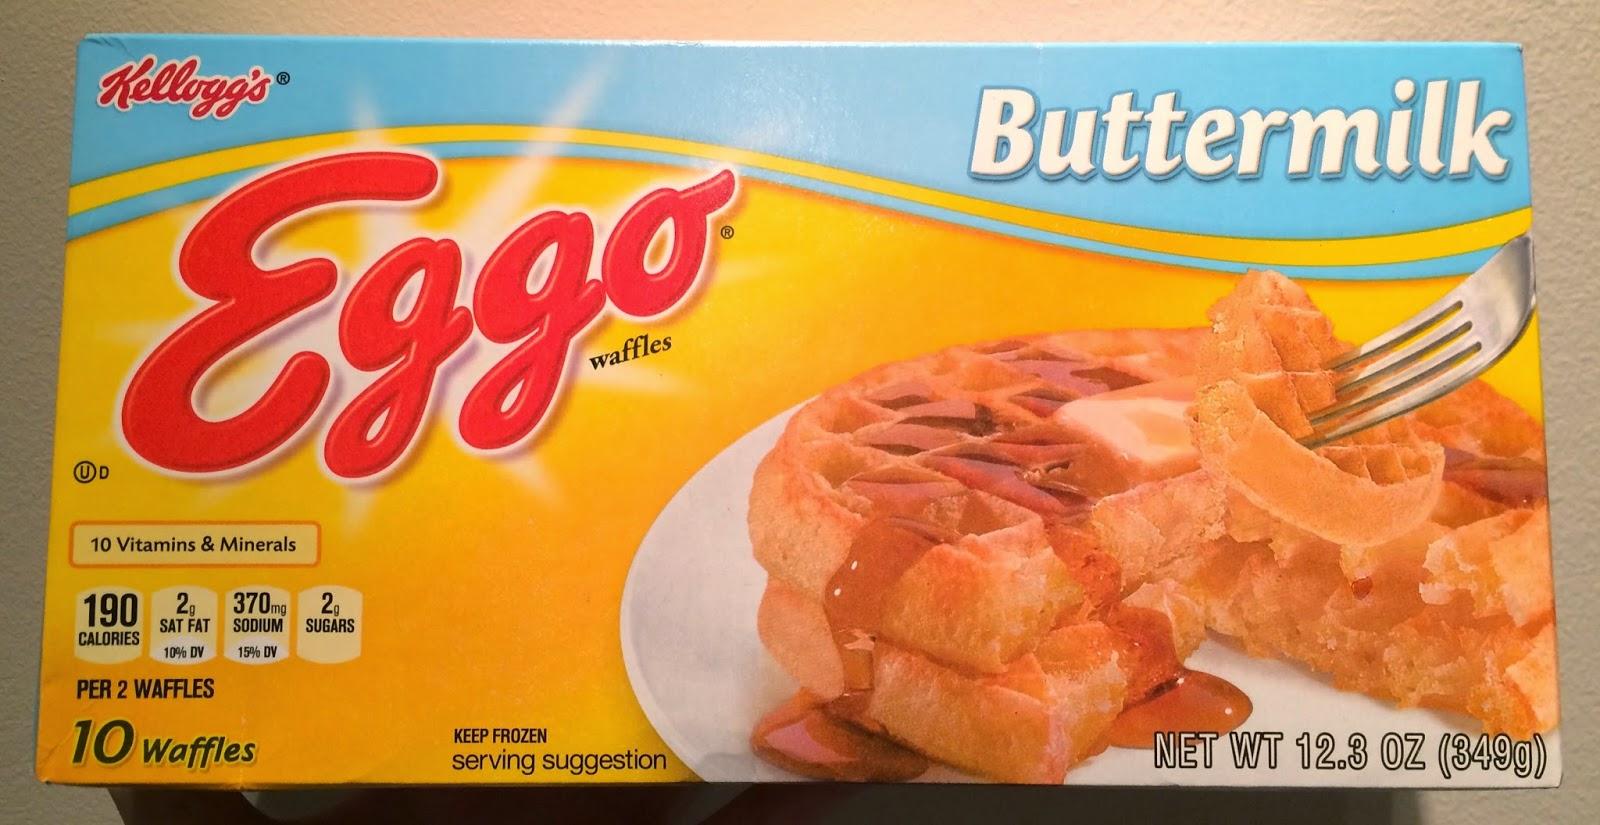 Kellogg's Eggo Buttermilk Waff...